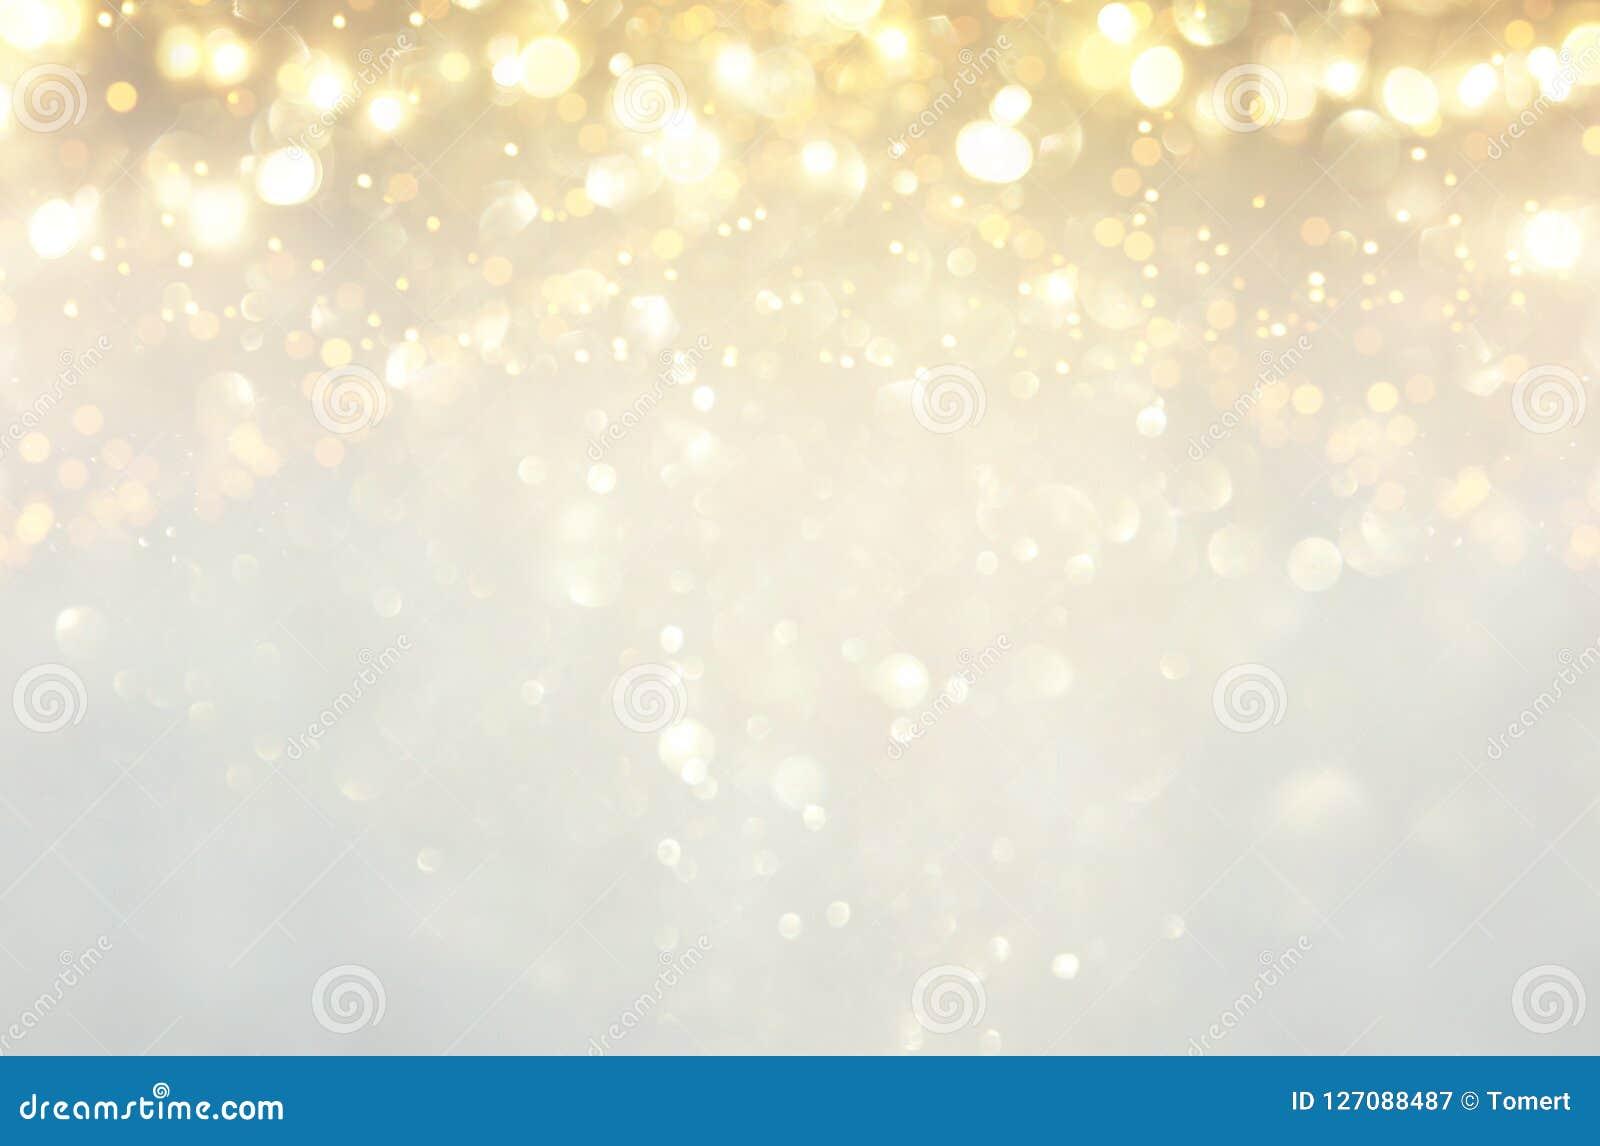 Год сбора винограда яркого блеска освещает предпосылку серебр, золото и белизна де-сфокусированный